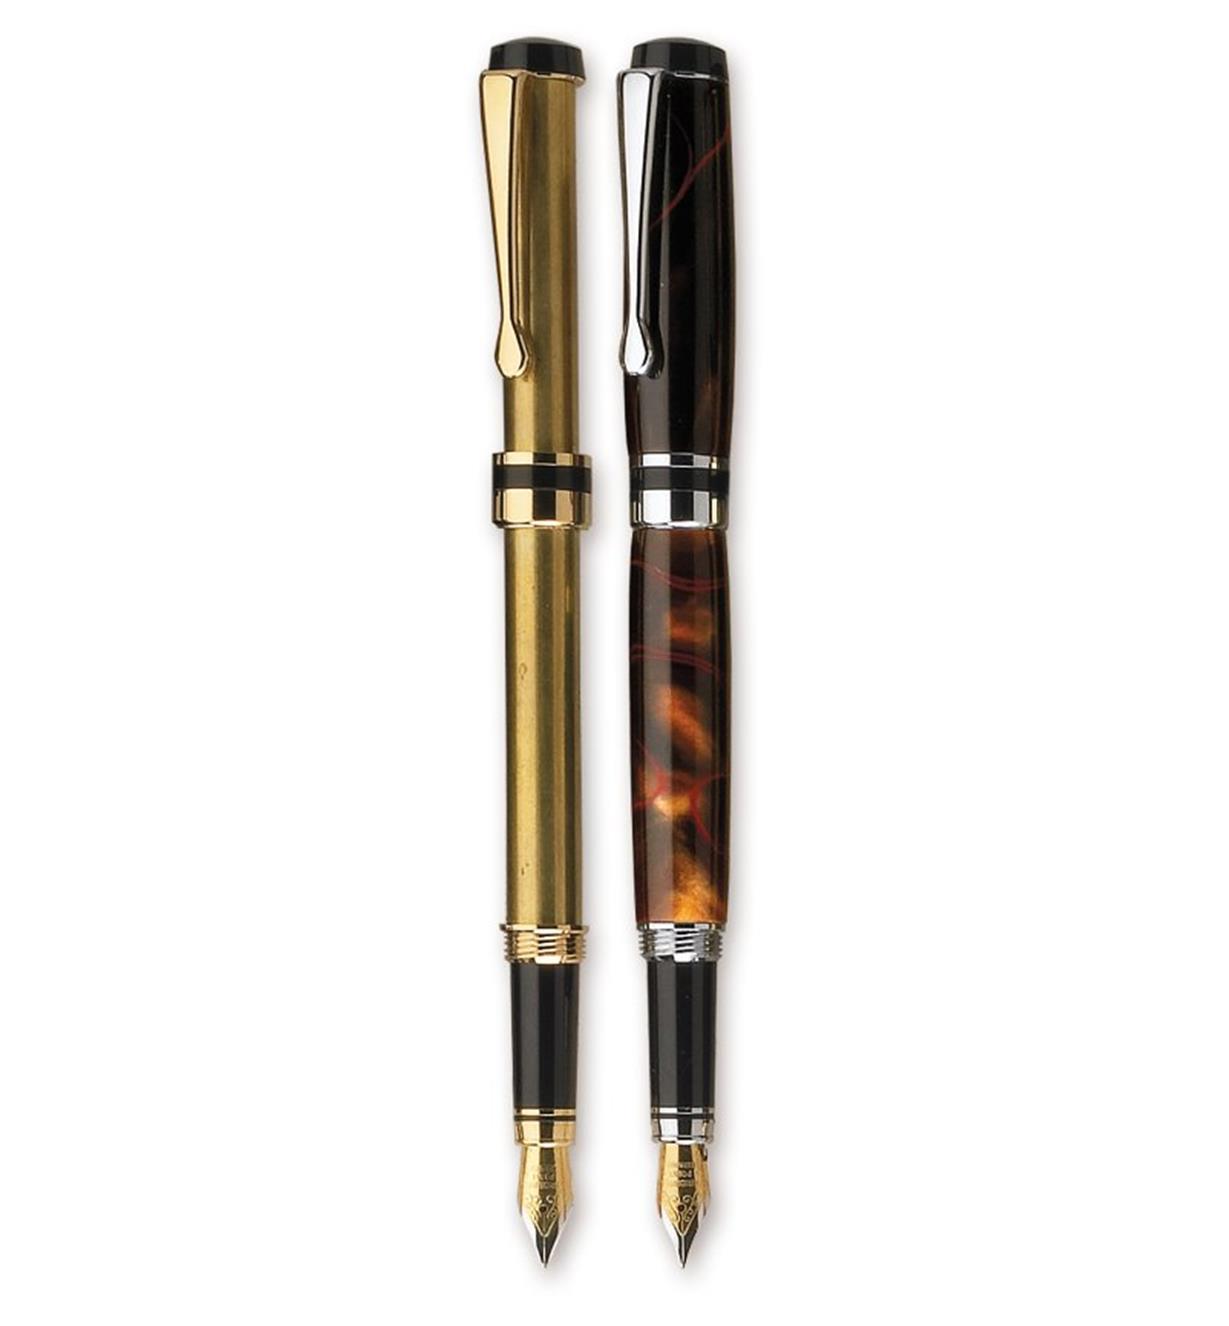 Composants pour stylo-plume à capuchon plat